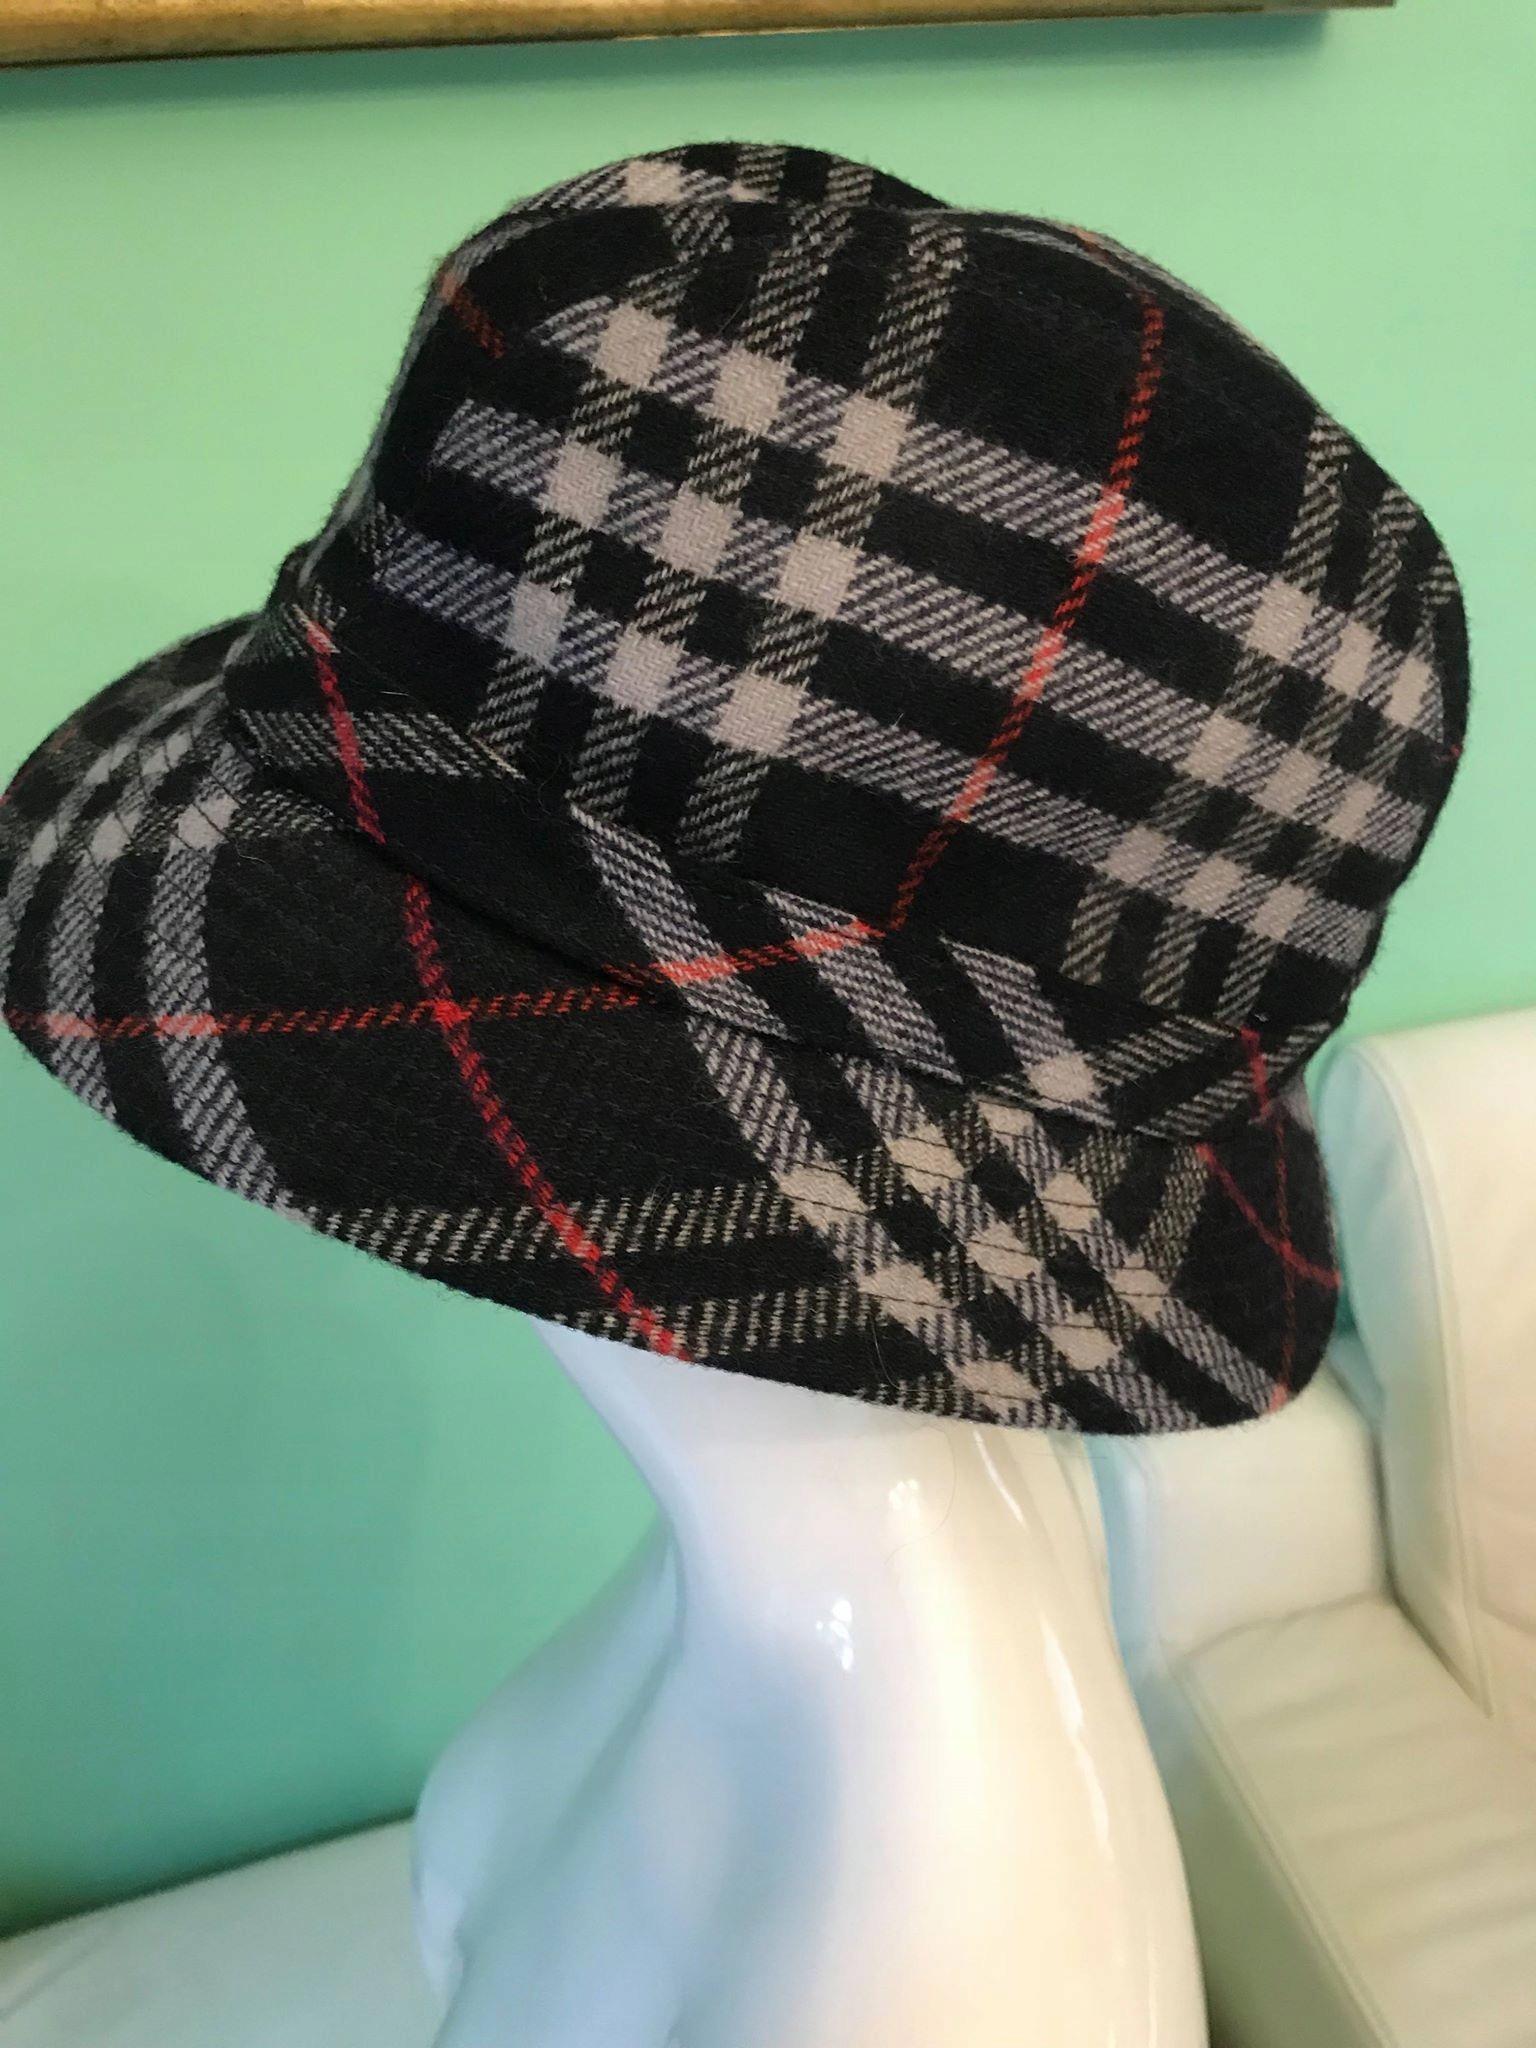 BURBERR - kapelusz kapelusz vintage bucket hat